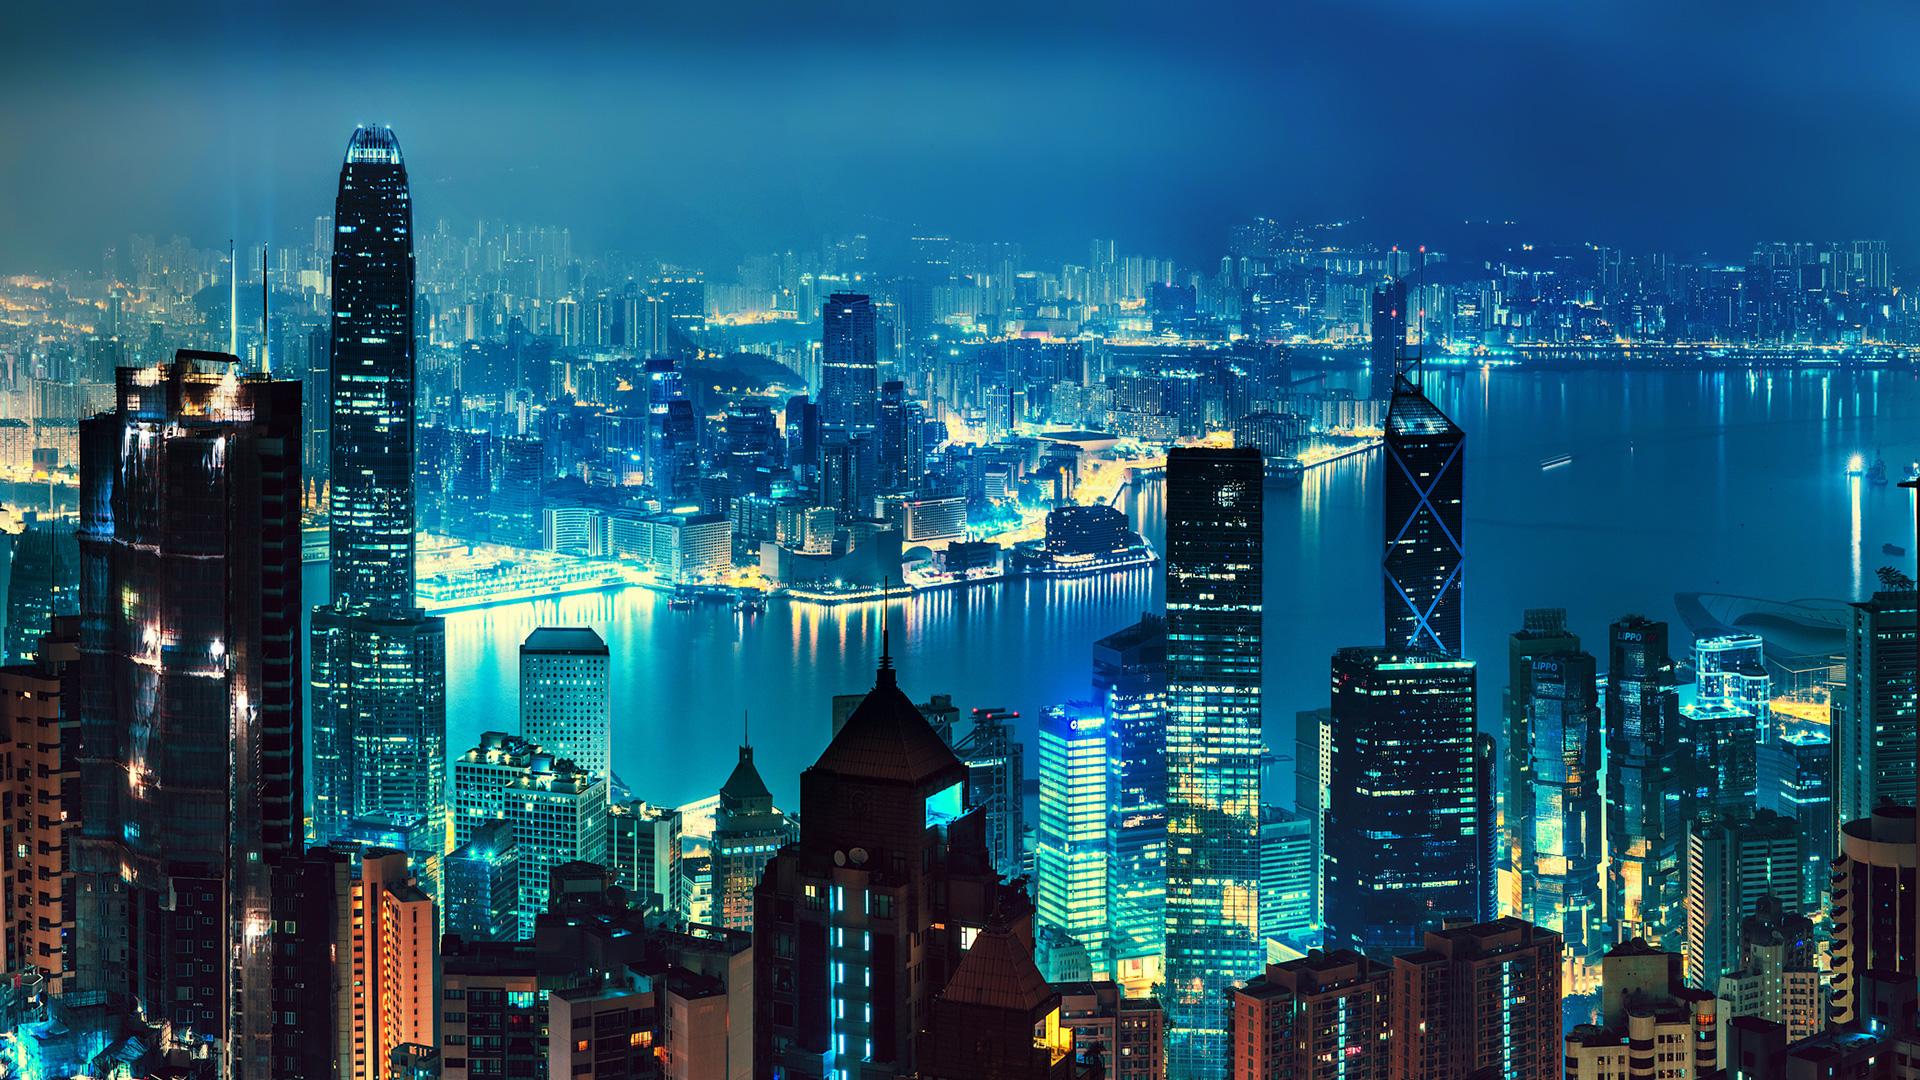 Hình nền đẹp về Hồng Kông